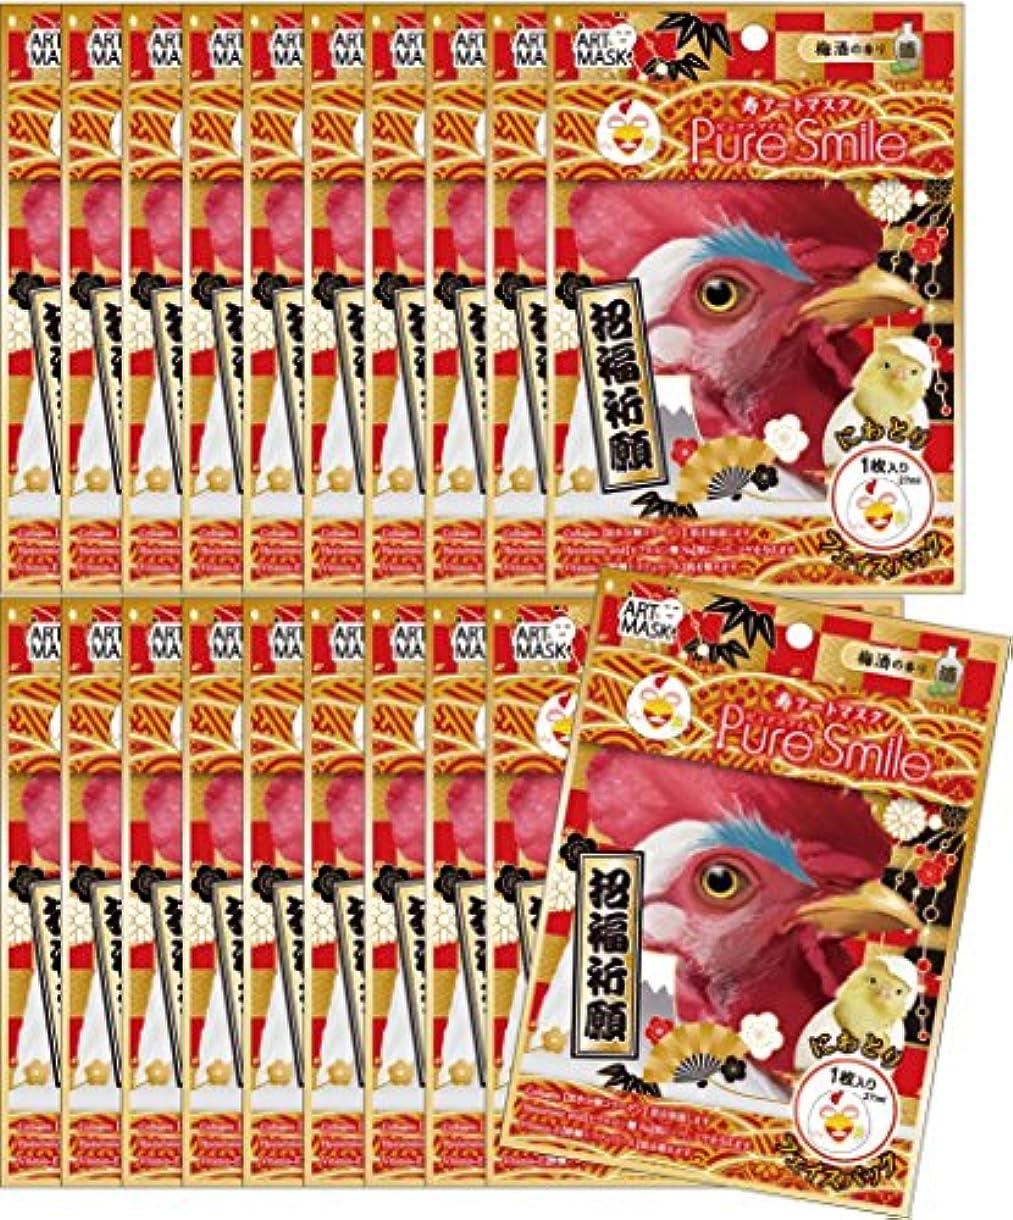 ボリュームドームナチュラ【ピュアスマイル】『迎春寿アートマスク』(にわとり/梅酒の香り)20枚セット